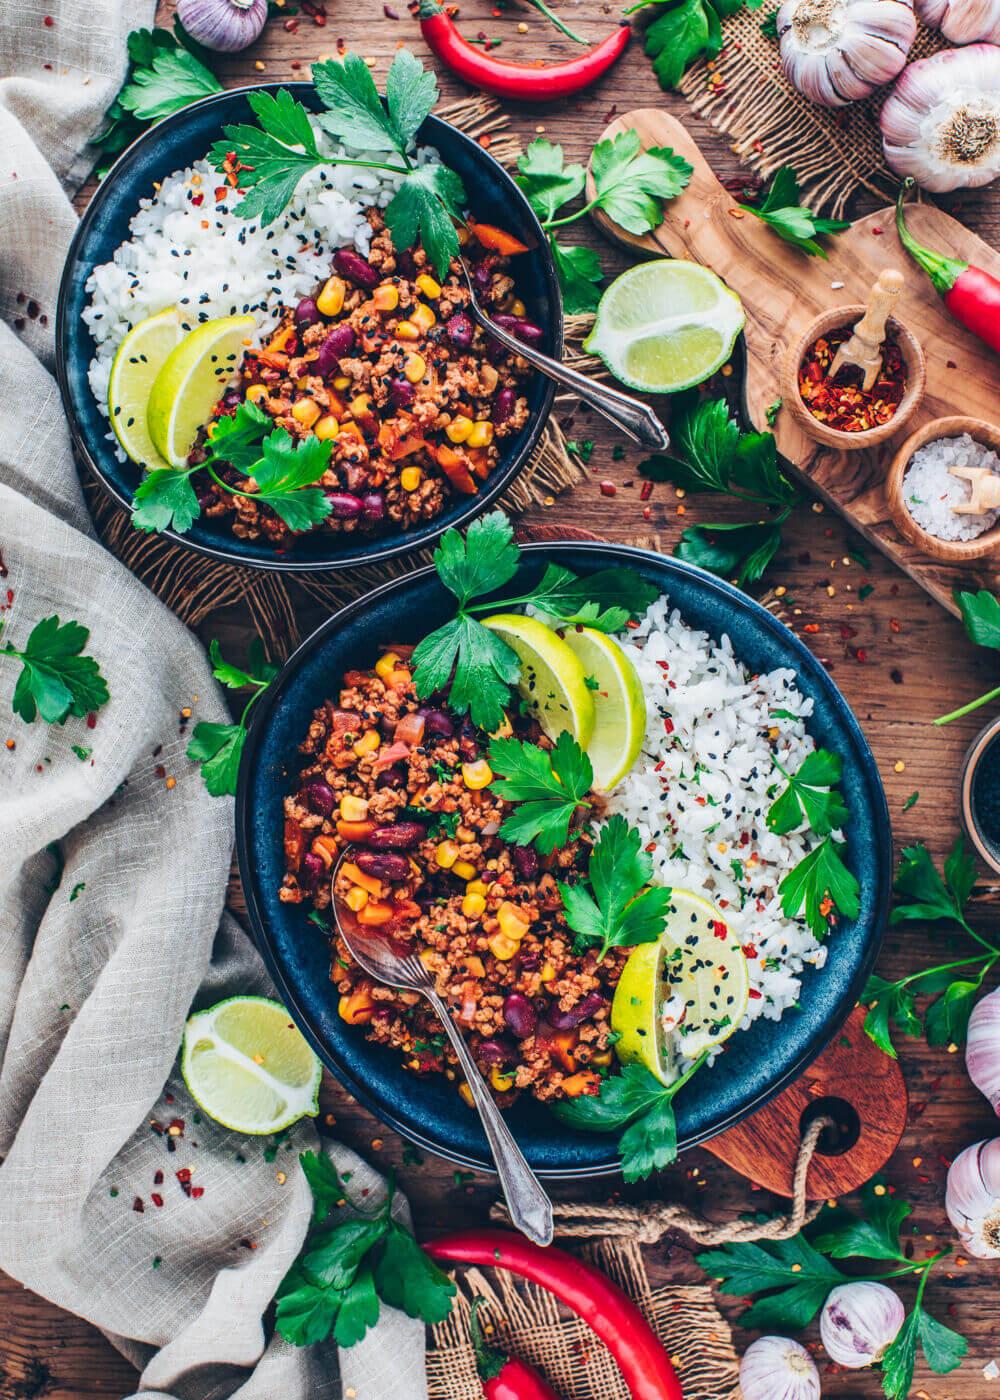 Veganes Chili sin carne mit Reis, Petersilie, Limetten, Sesam und Knoblauch